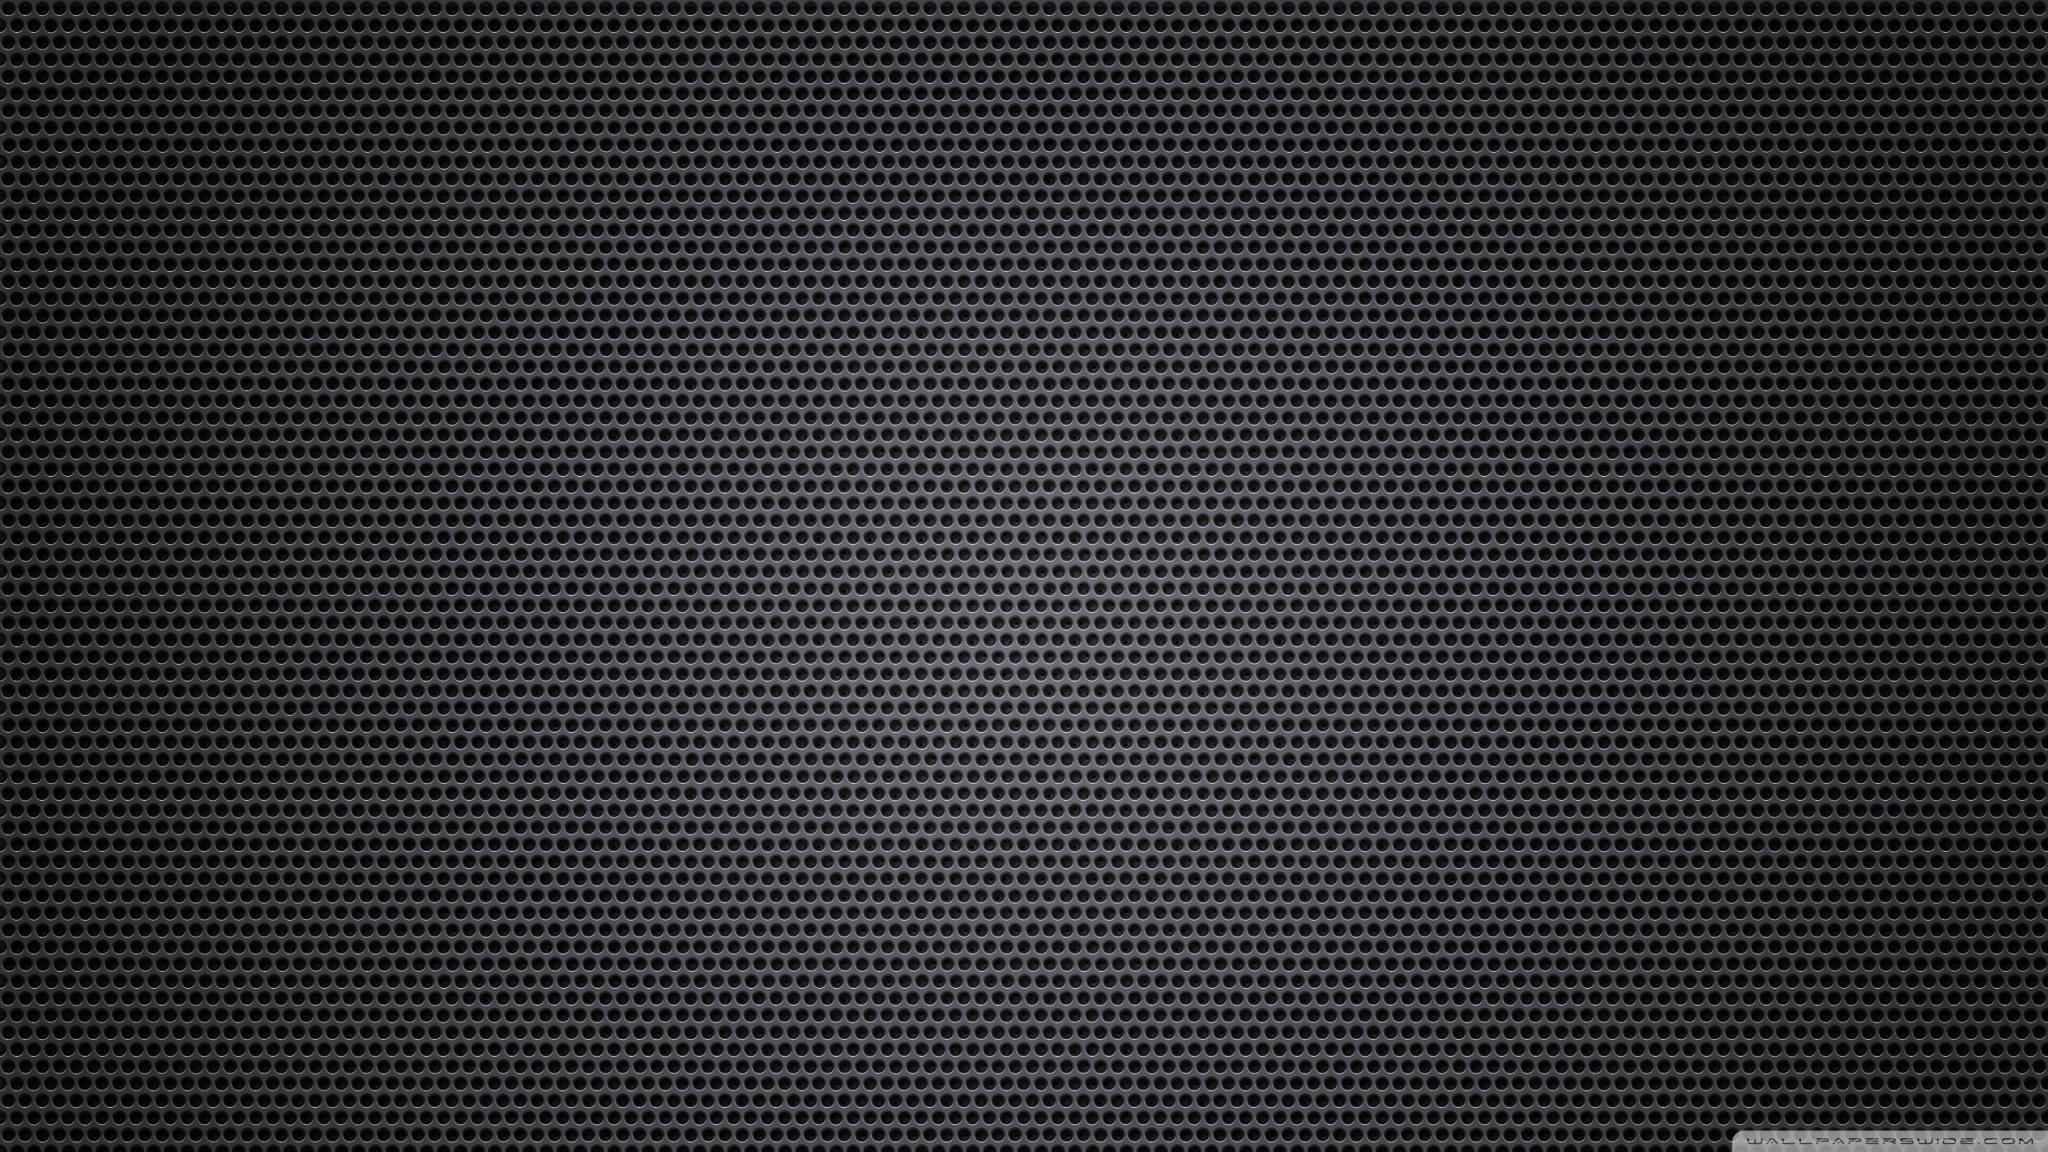 2048x1152 YouTube Wallpaper - WallpaperSafari